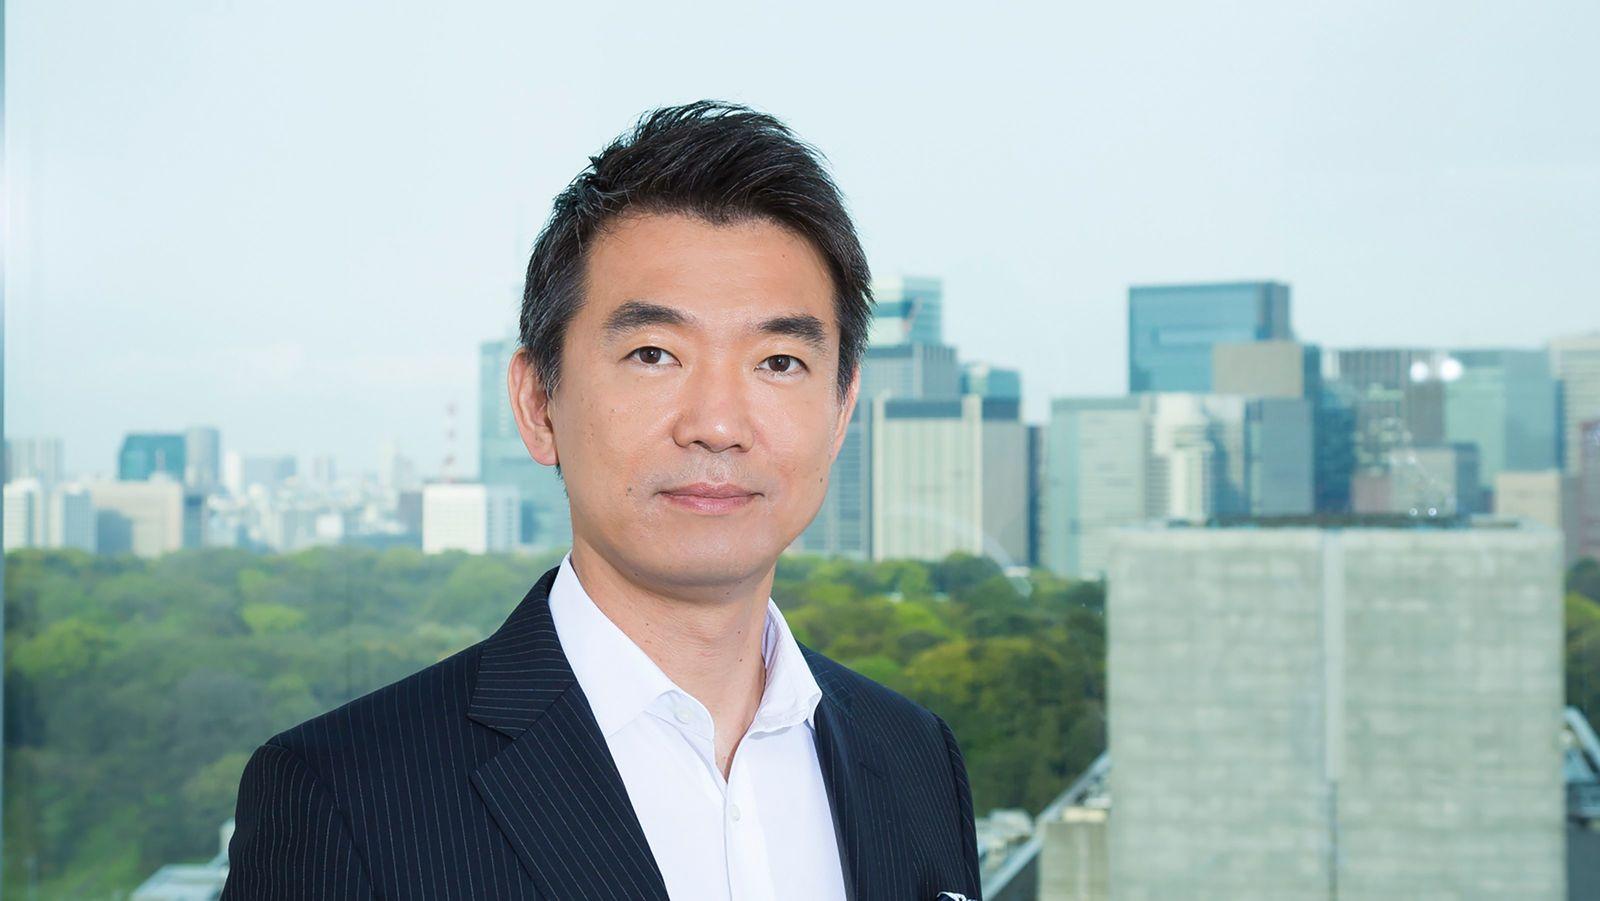 橋下徹「津田大介さんはどこで間違ったか」 必要なのは「手続き的正義」の考え方